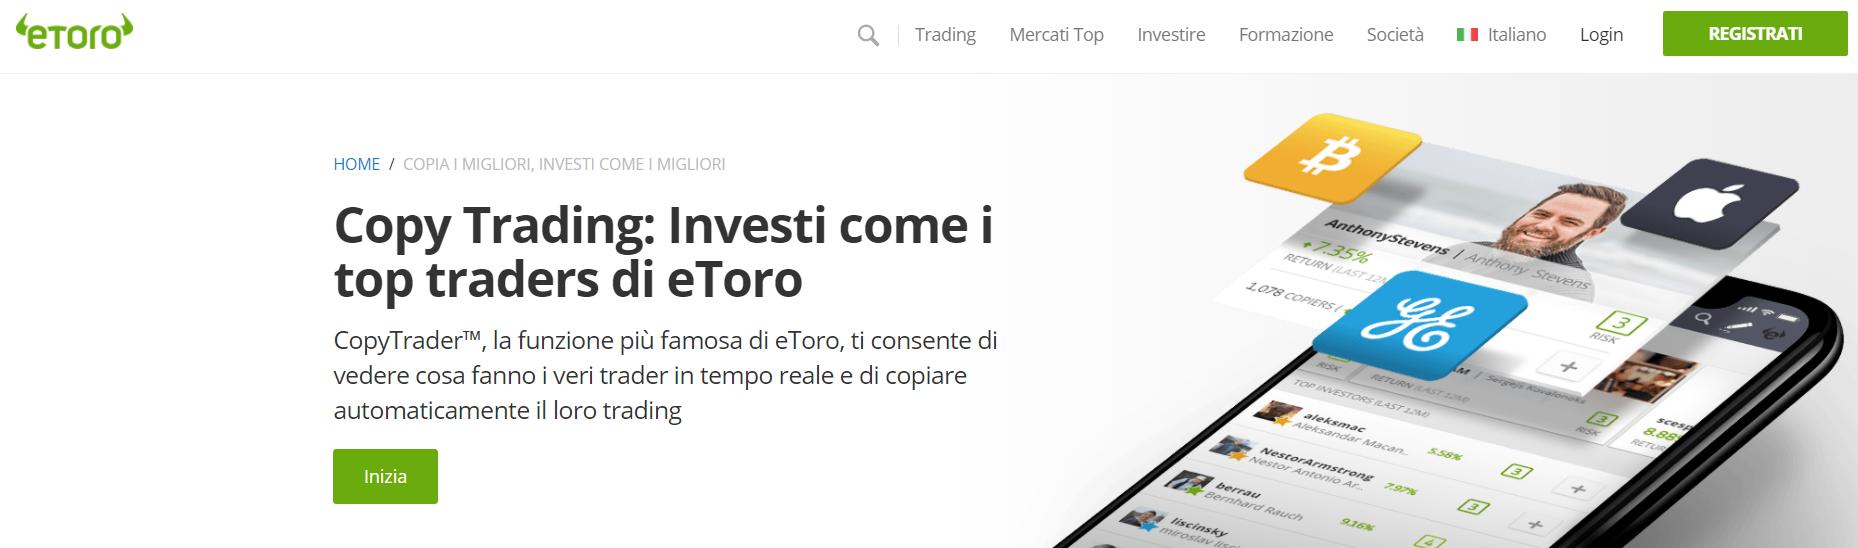 miglior software per trading automatico